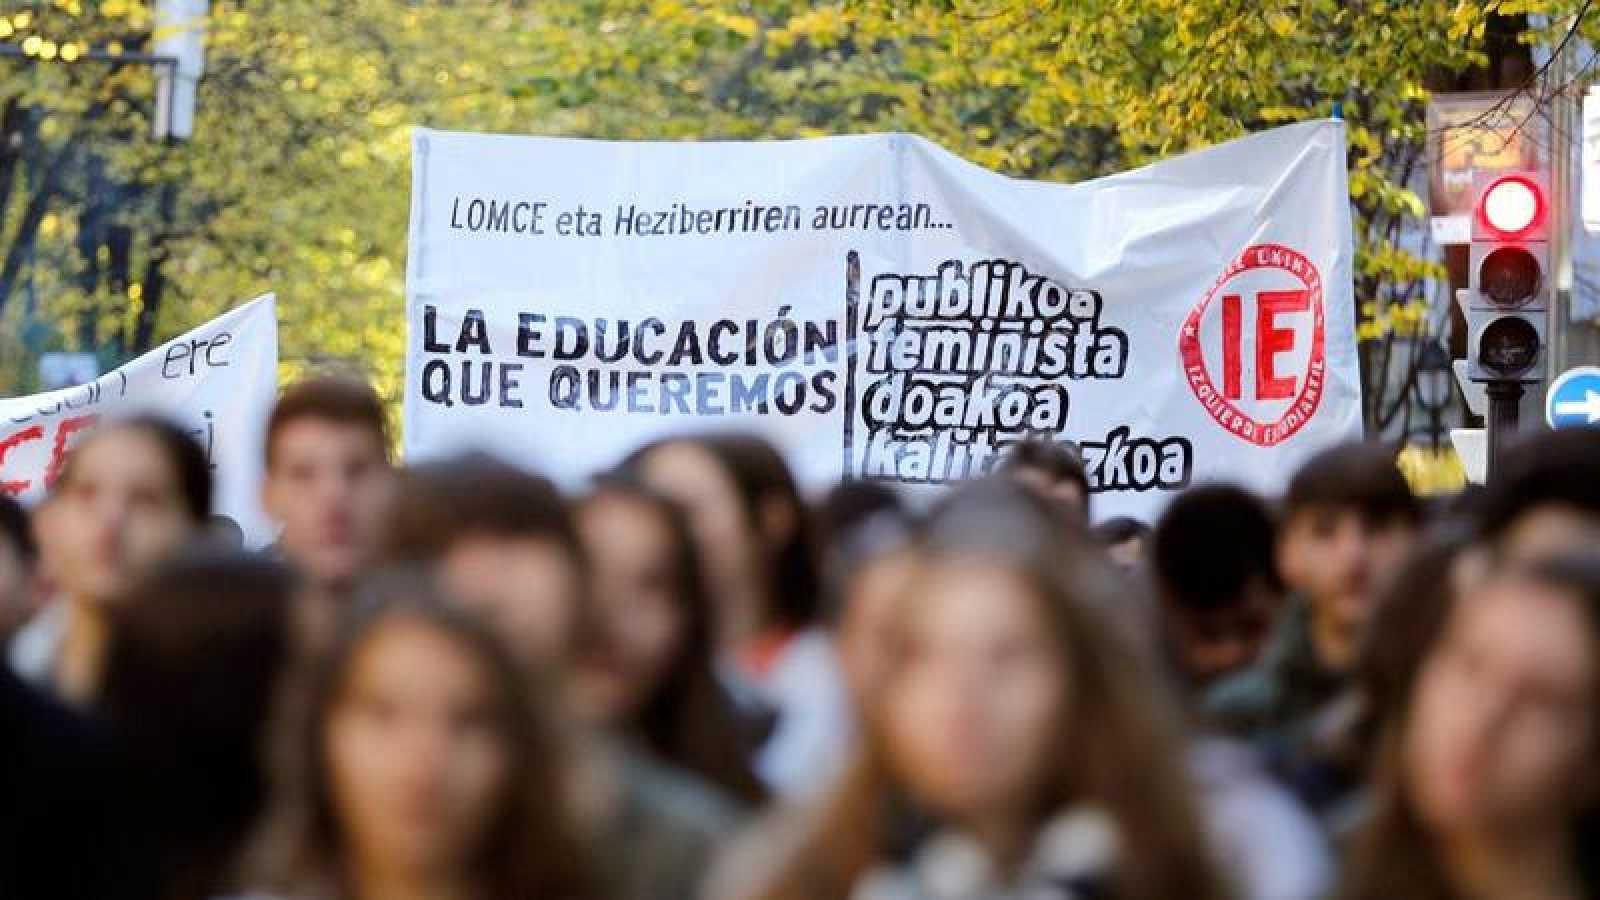 Manifestación en Bilbao convocada por los estudiantes contra la Lomce y las reválidas